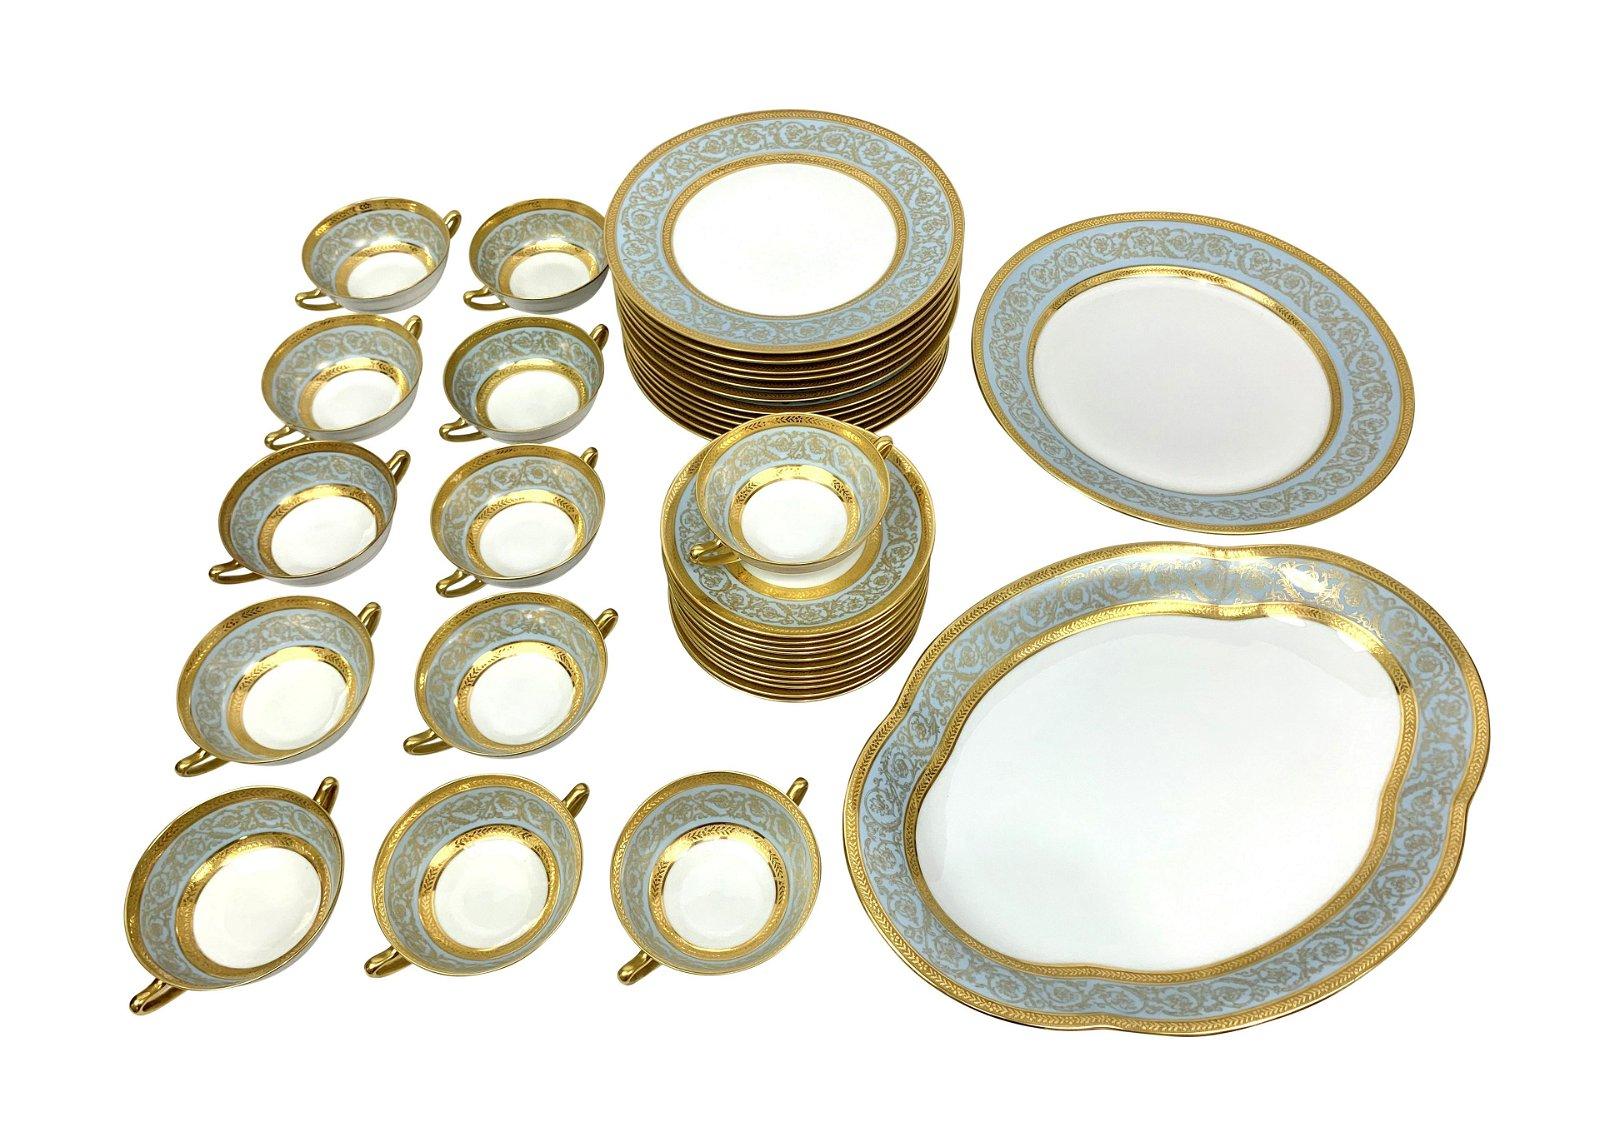 Haviland Limoges Gold Trim China Set